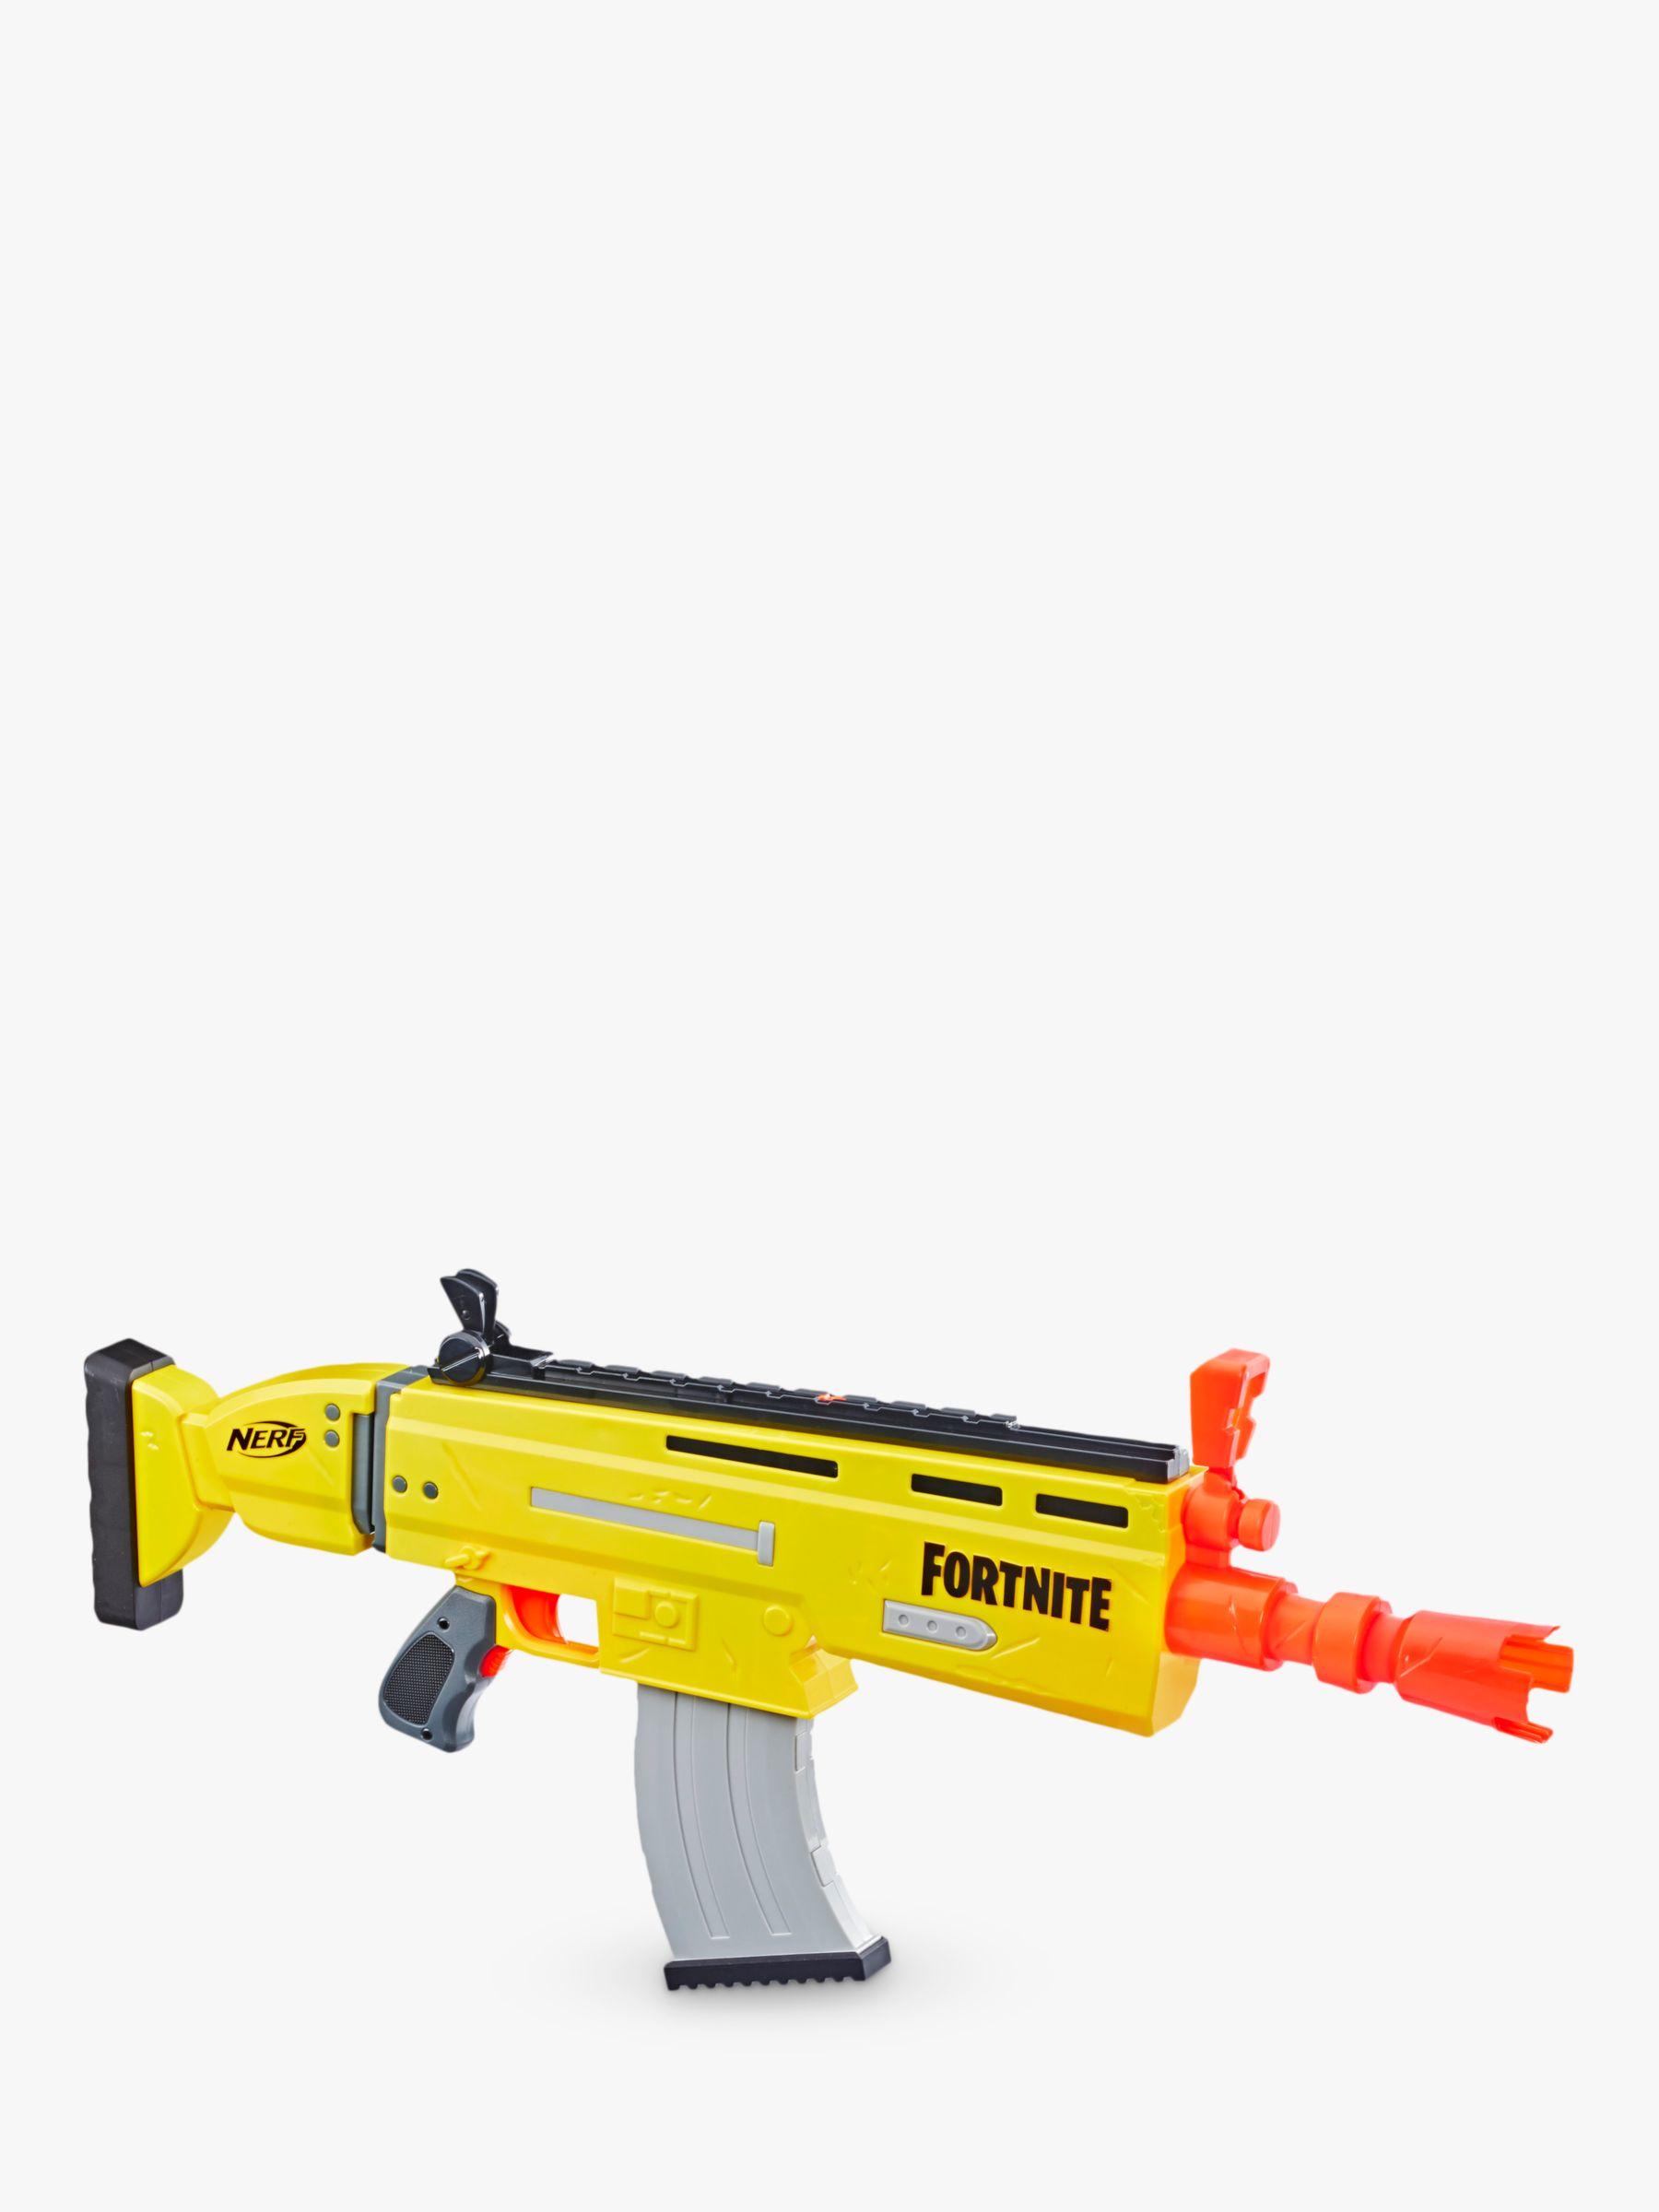 NERF Nerf Fortnite AR-L Elite Motorized Blaster